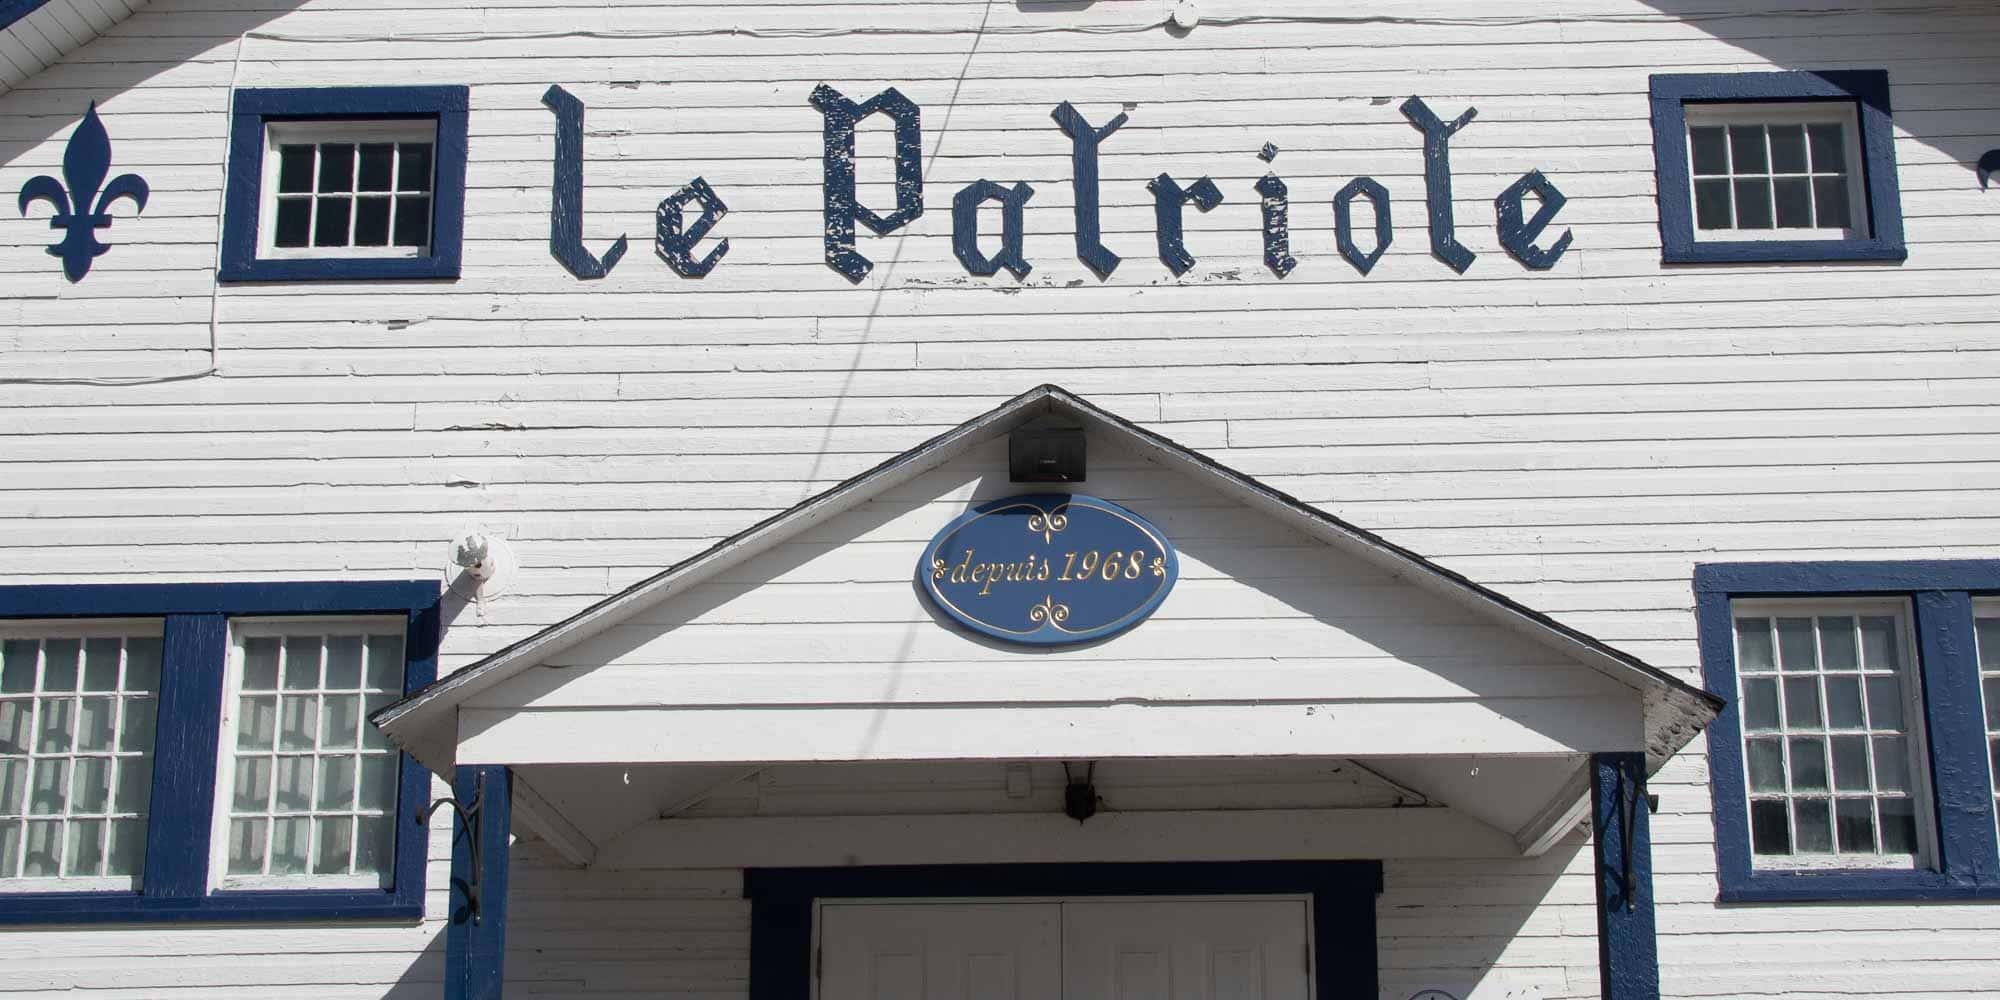 20160404-sainte-agathe-patriote-theatre-4